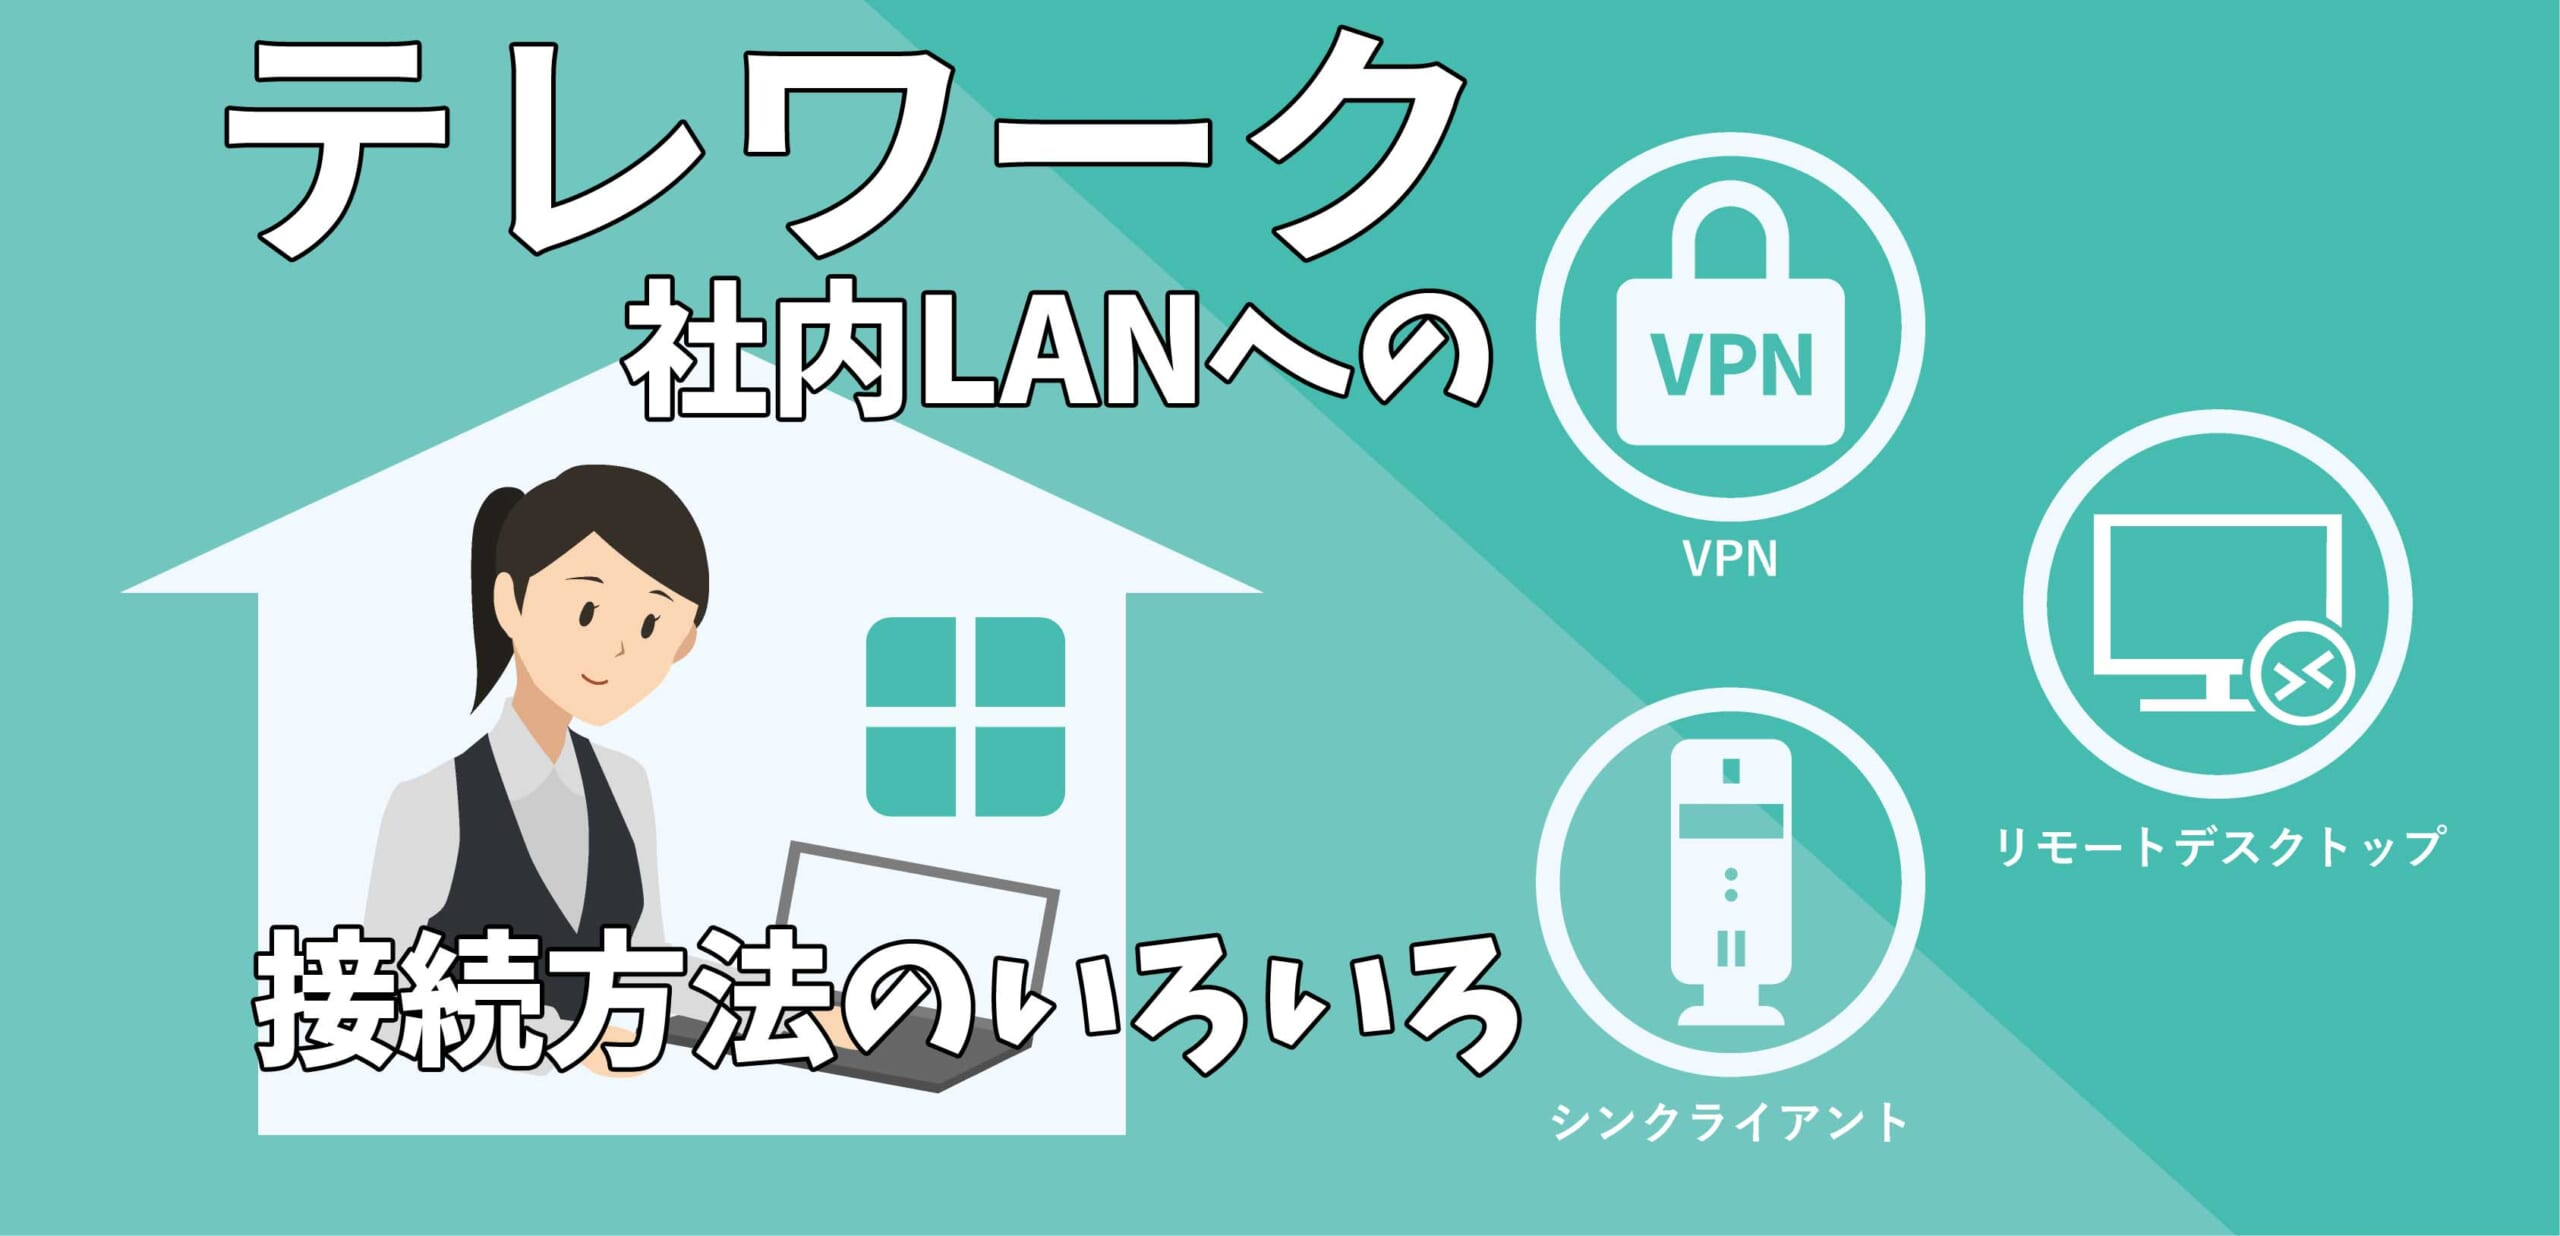 テレワーク !VPNで社内LANに「リモート接続する方法」の比較